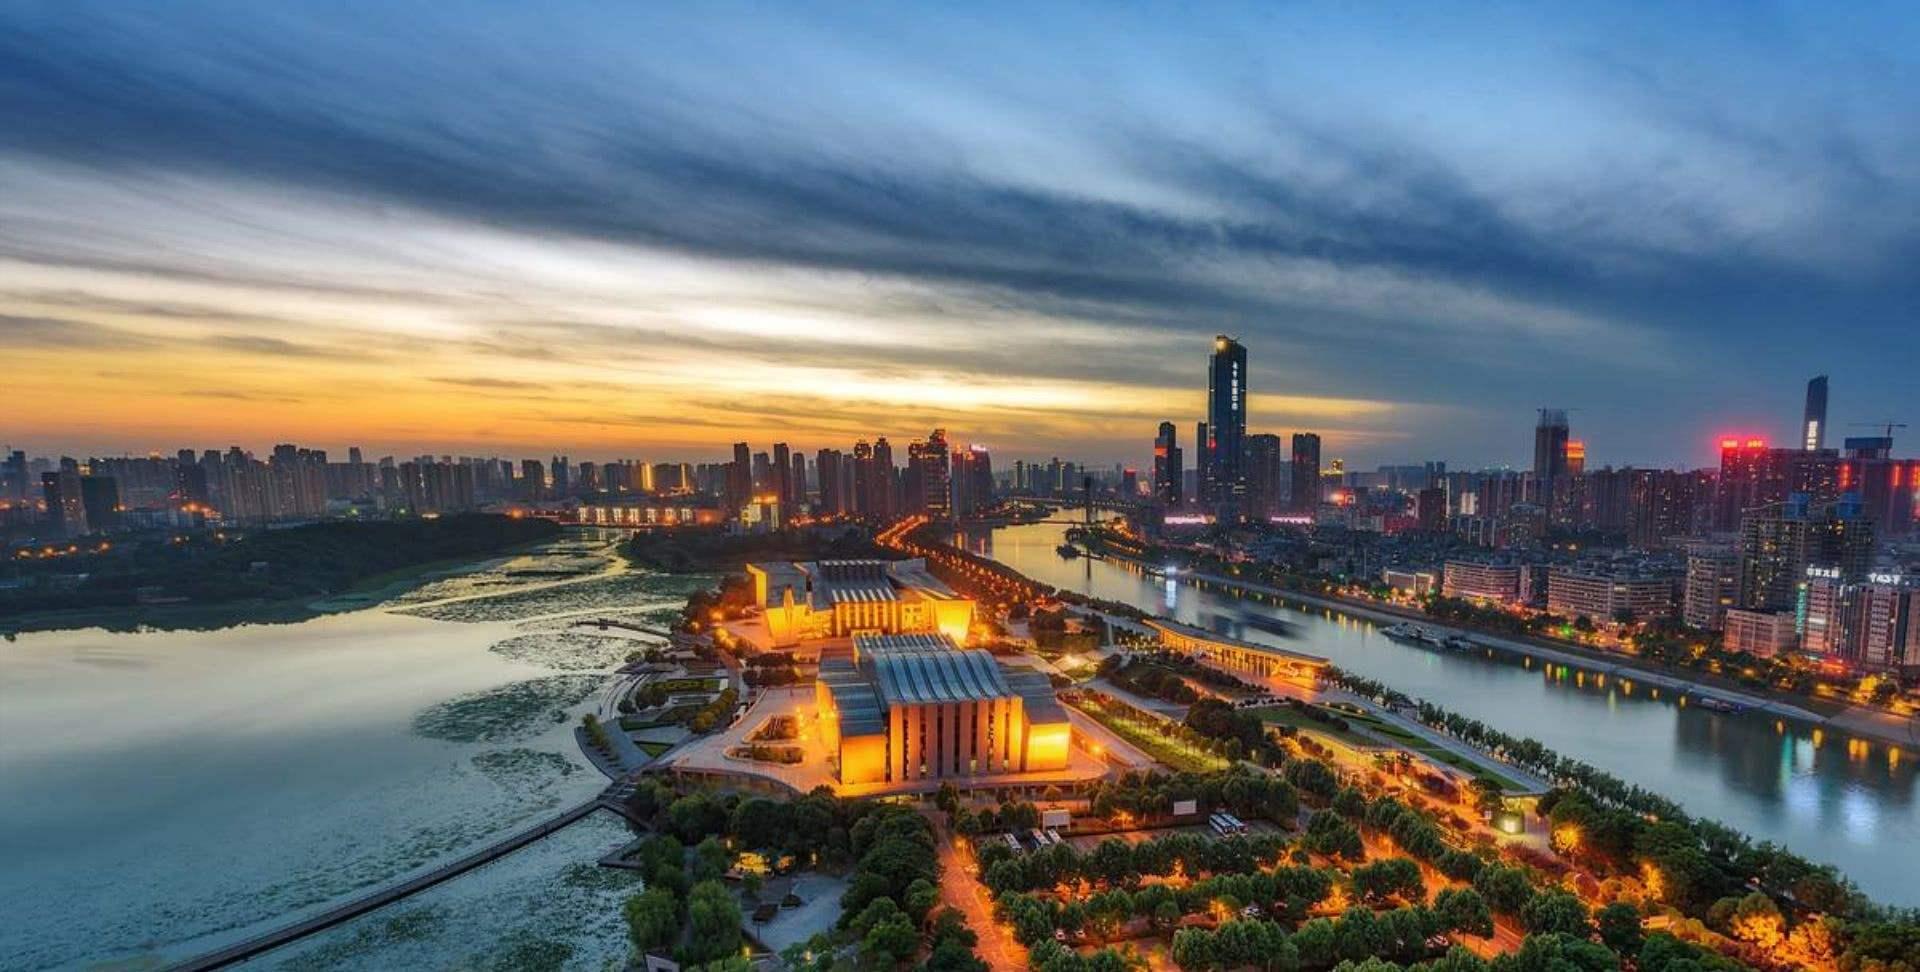 宜昌的经济总量在三线城市排名_宜昌城市图片欣赏